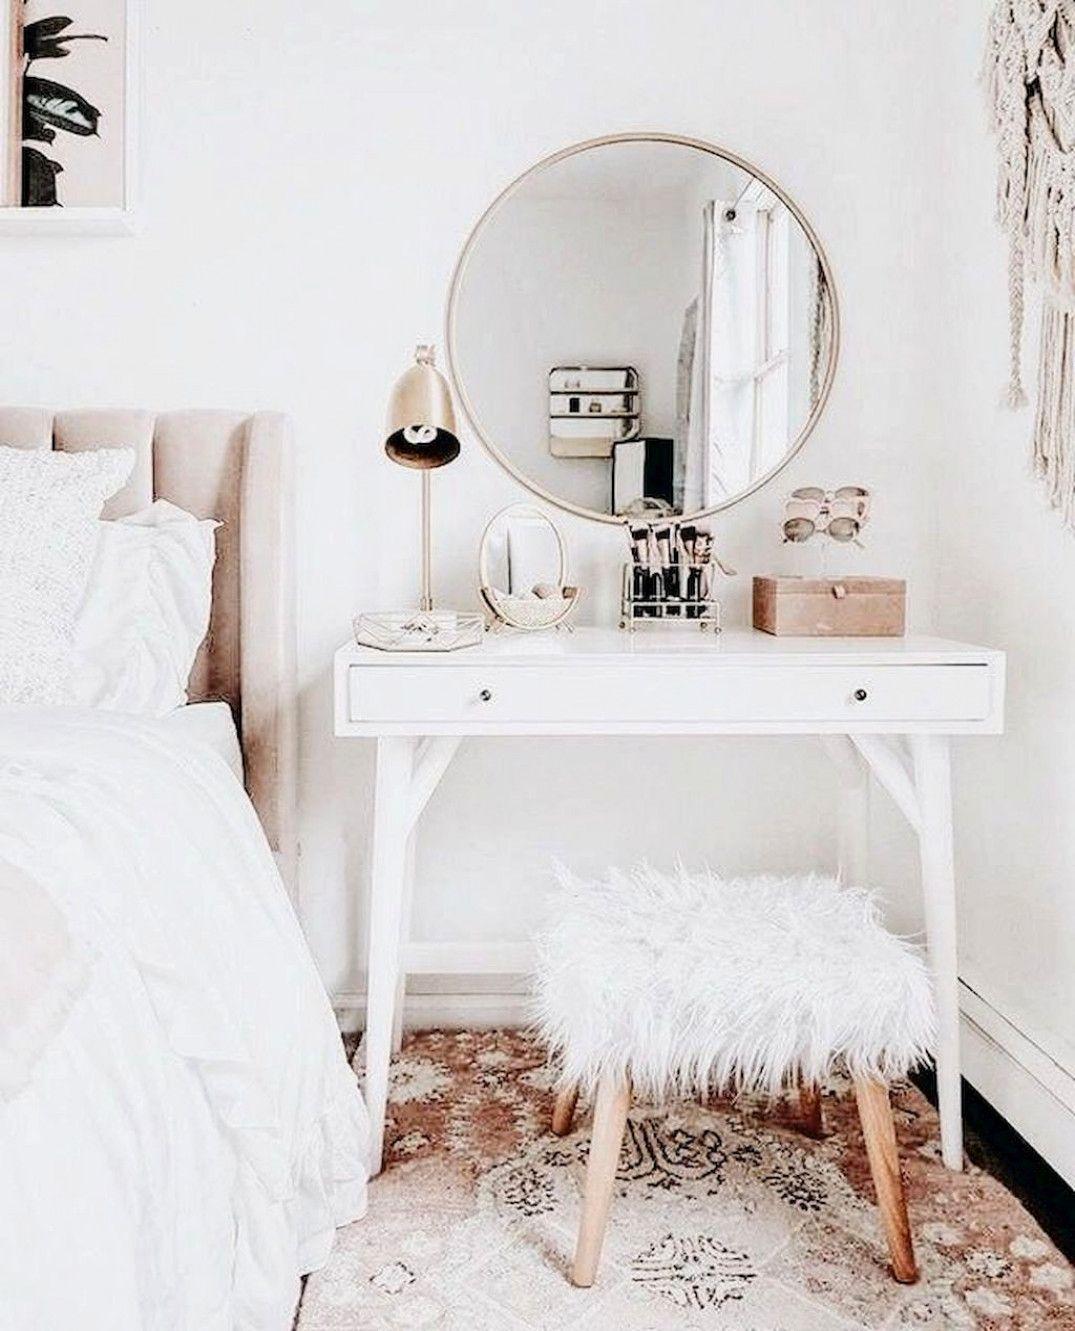 Minimalistbedroom Mit Bildern Schlafzimmer Dekor Ideen Zimmer Einrichten Wohnen